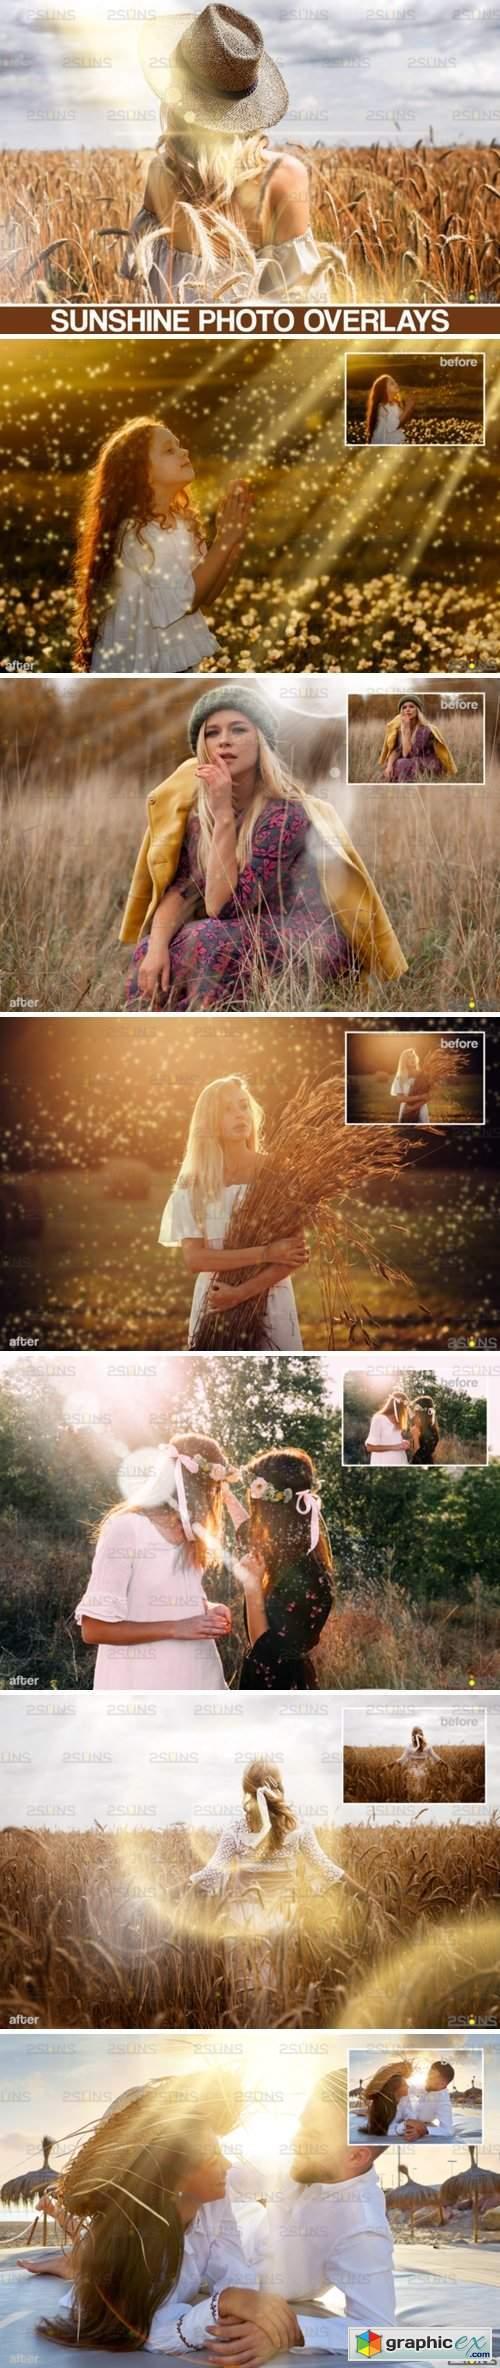 Sunlight Photo Overlays Sunlight Overlay